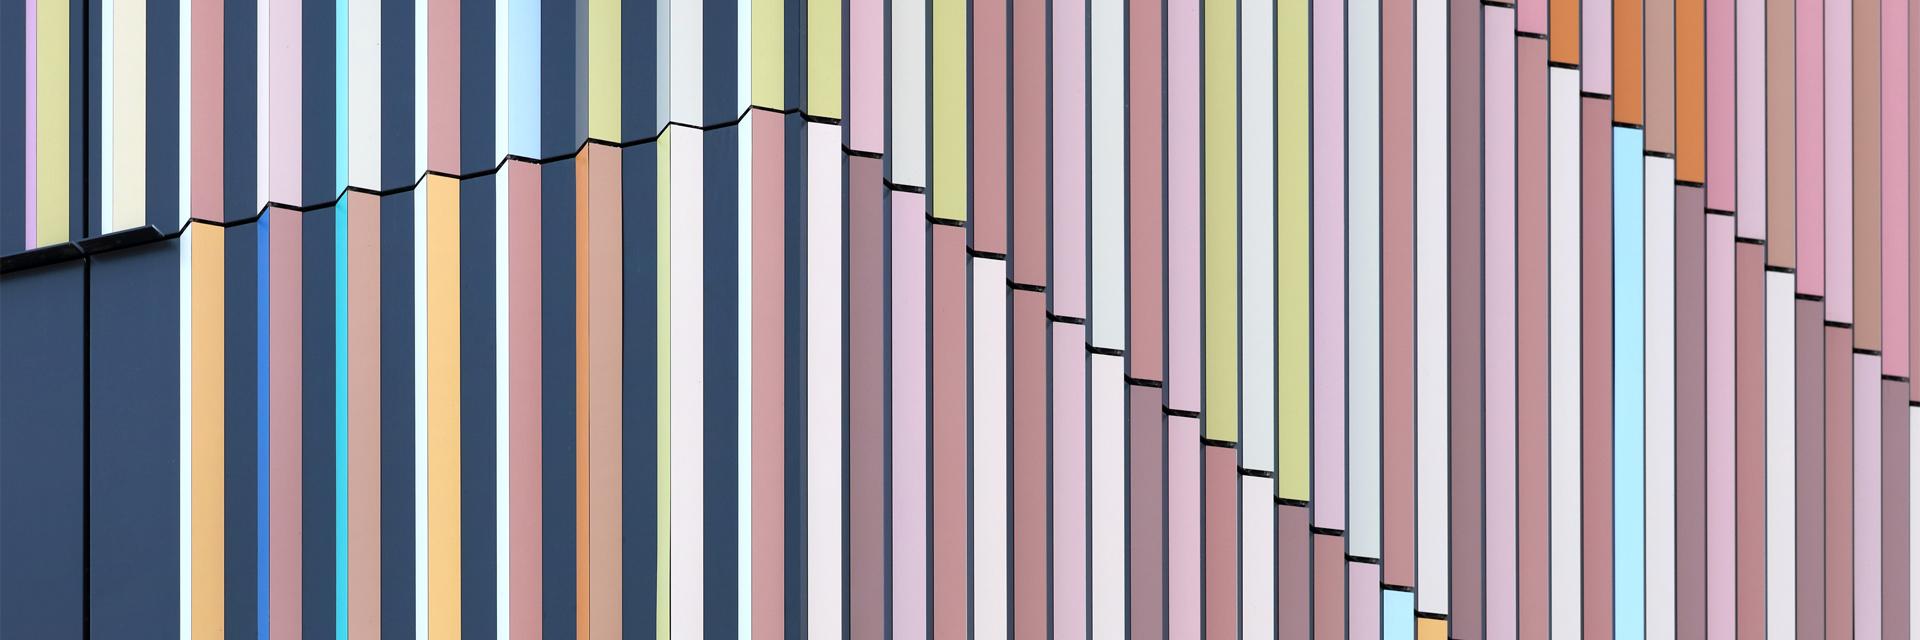 Detail des Marrahauses von Architekt Alexander Schleifenheimer in Heilbronn mit über 47 individuell erstellten Duraflon-Farbtönen auf den Fassadenlamellen.